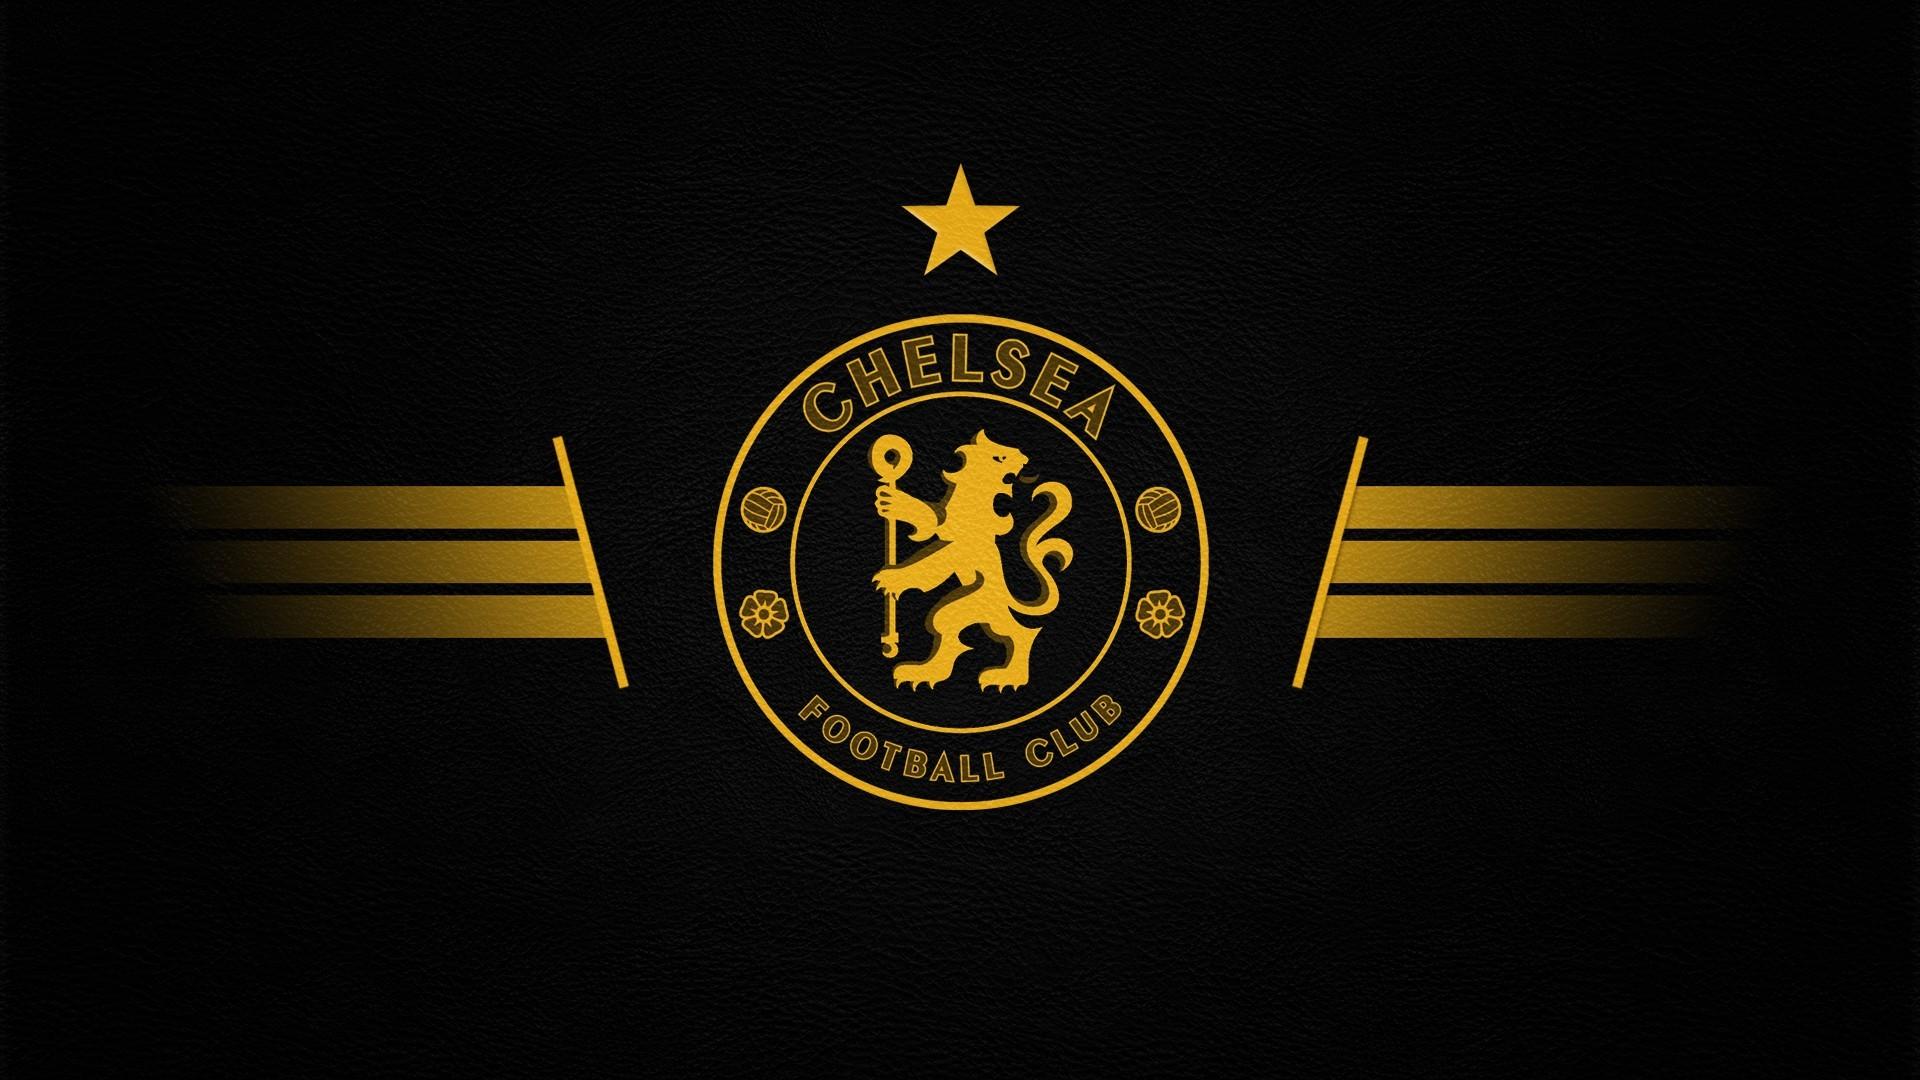 HD Chelsea FC Logo Wallpapers | PixelsTalk Net